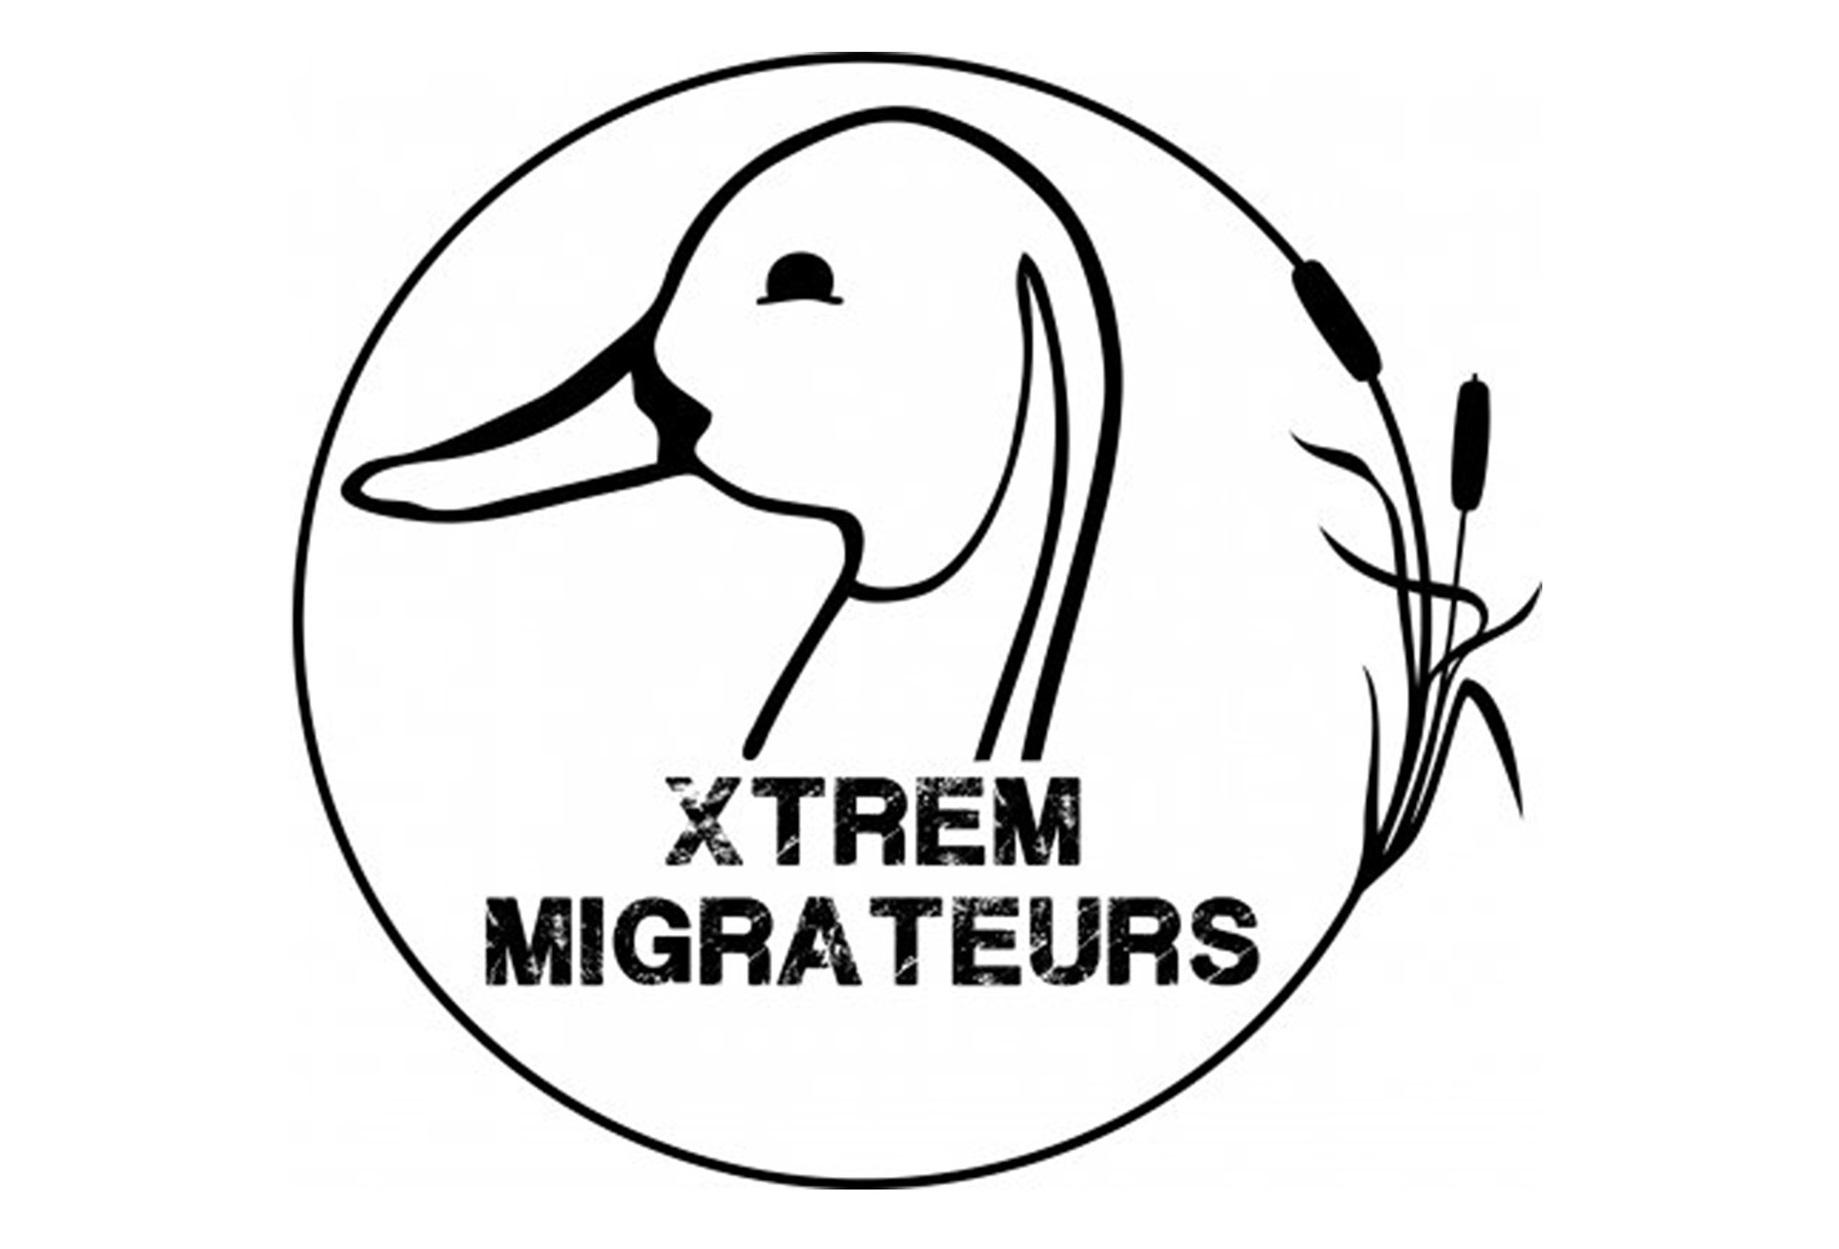 Monture Xtrem Migrateurs